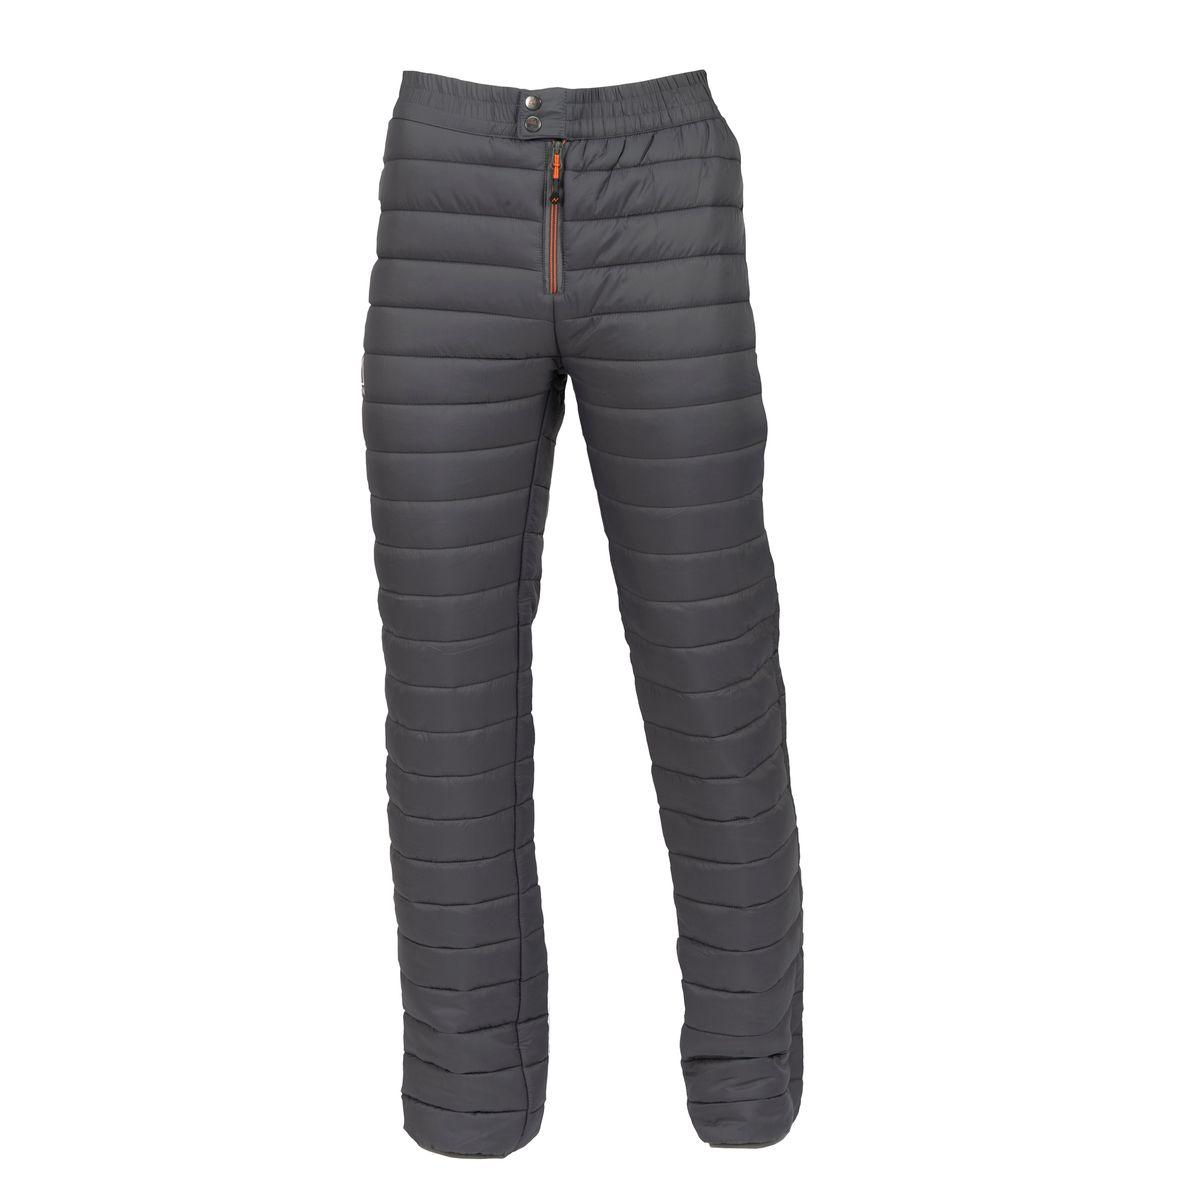 Hauk bukse